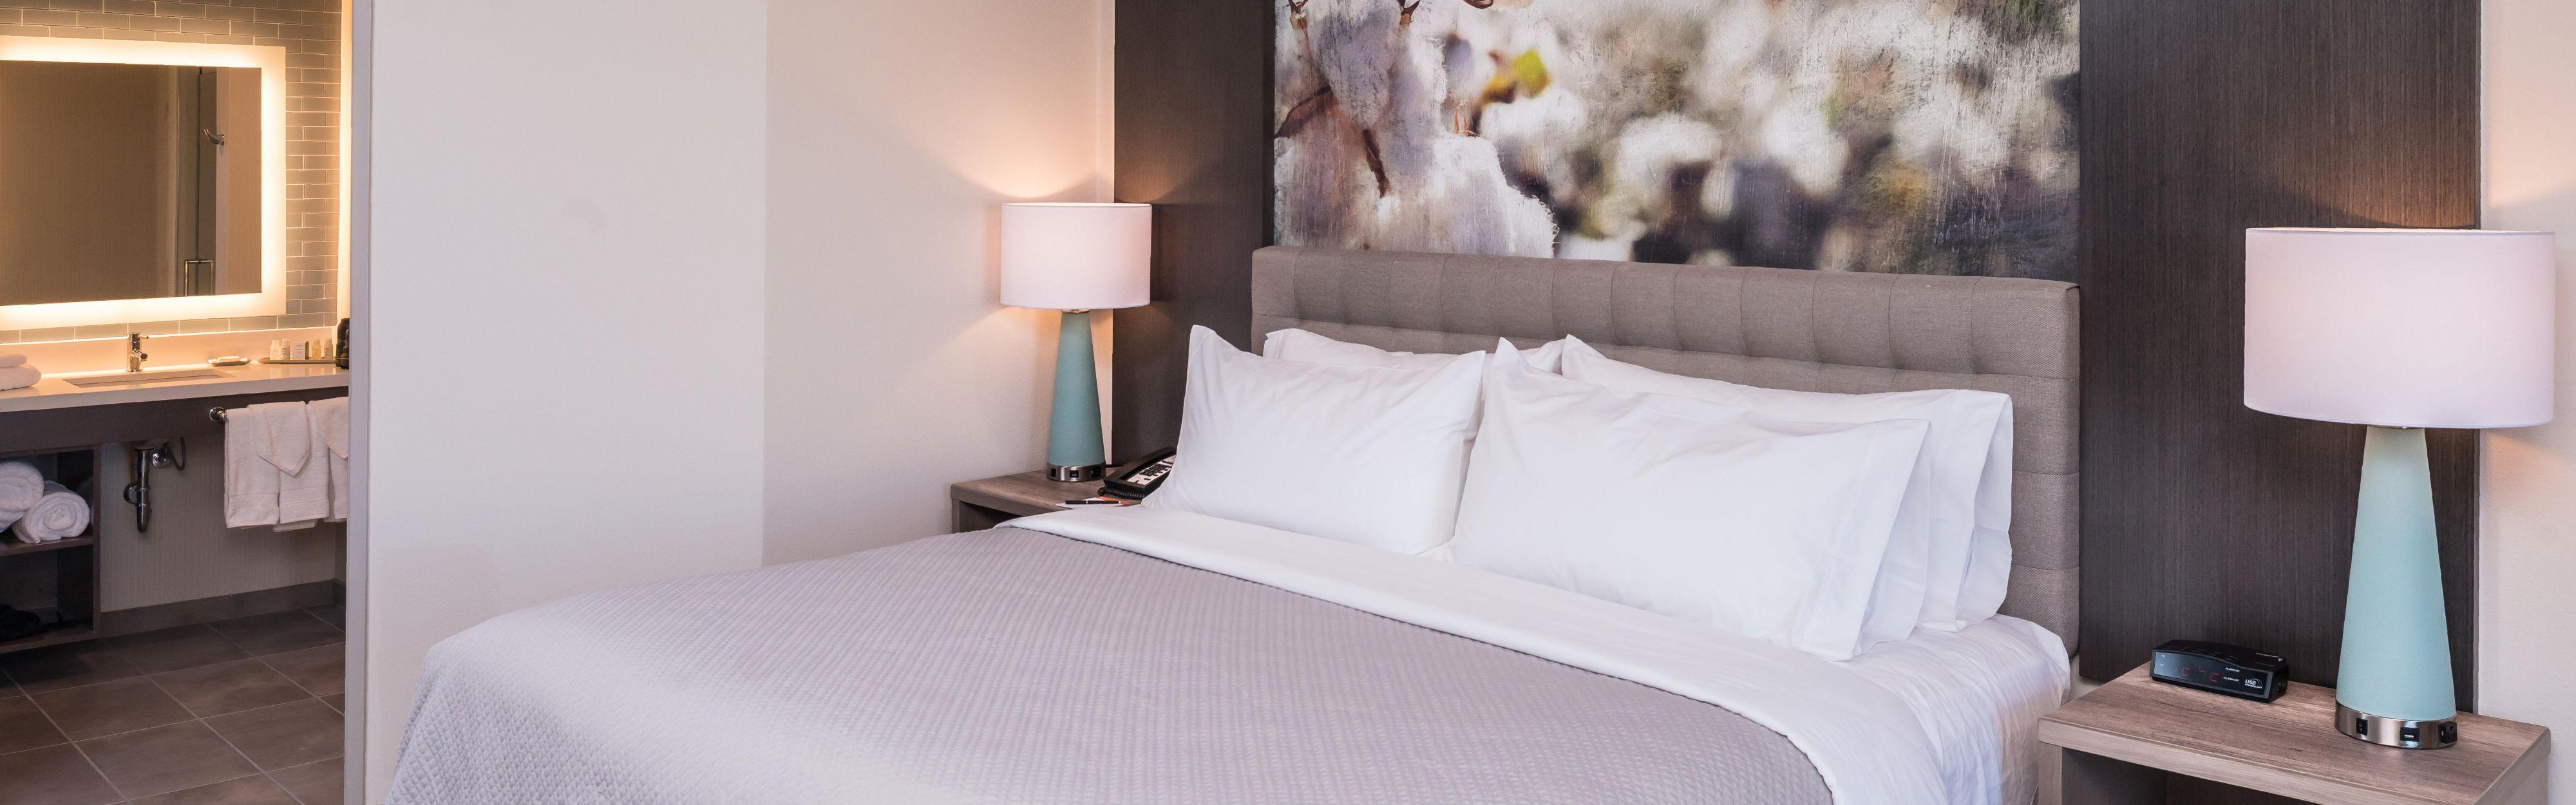 Hotel Indigo Frisco image 1